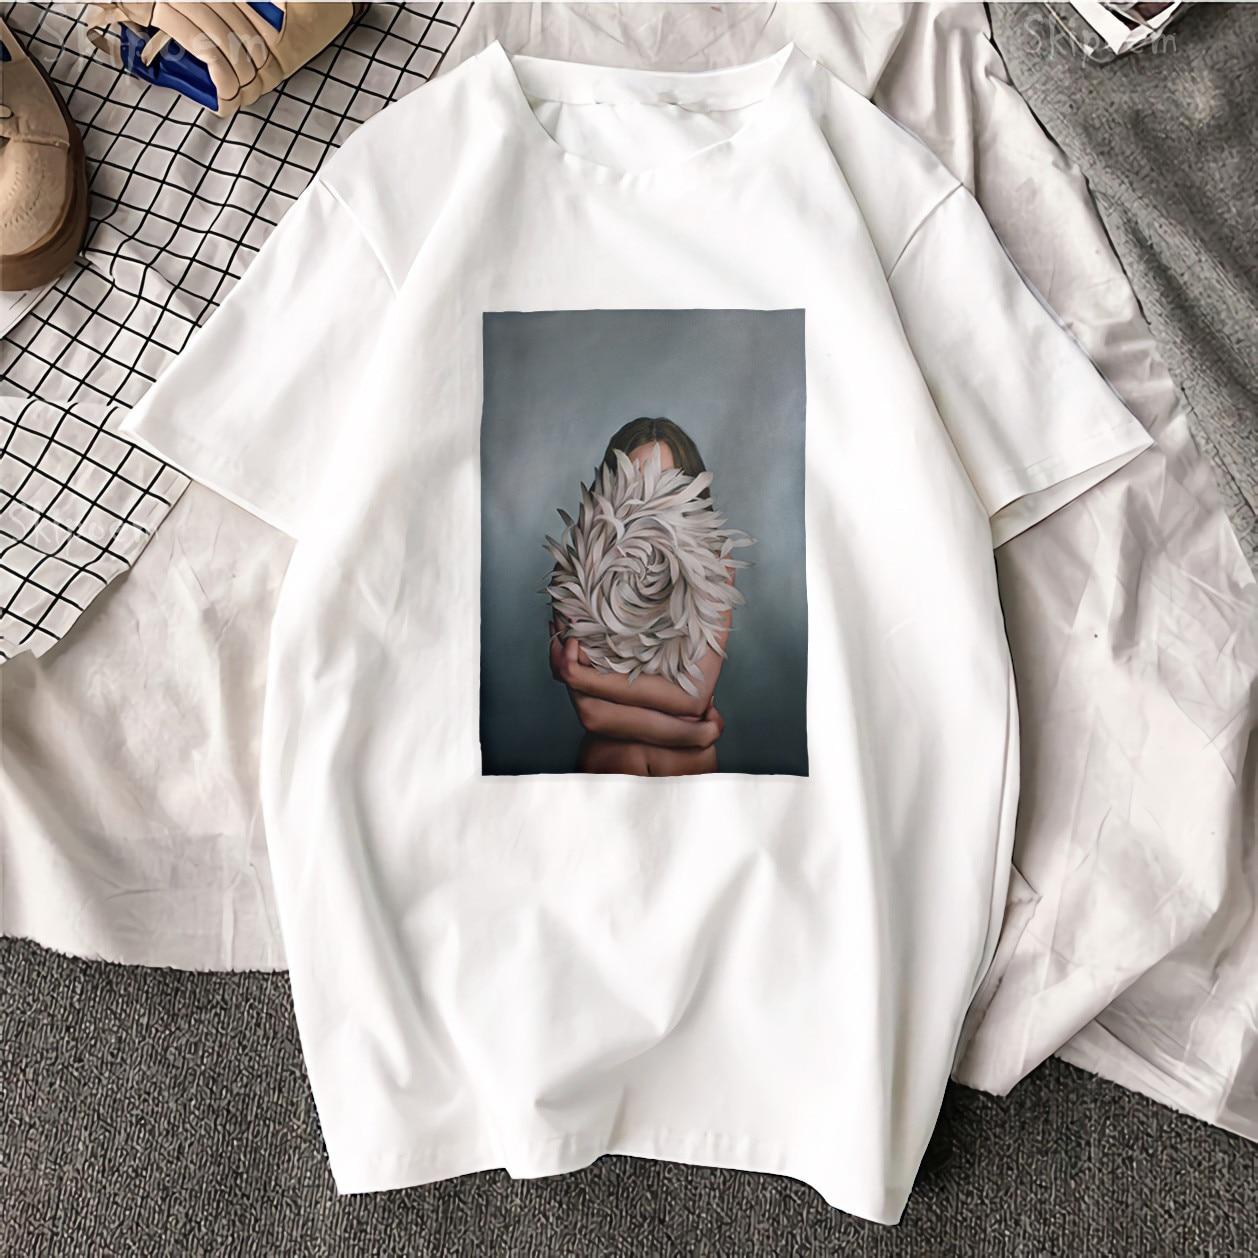 Nouveau coton Harajuku esthétique t-shirt Sexy fleurs plume imprimé à manches courtes hauts et t-shirts mode décontracté Couple t-shirt 2